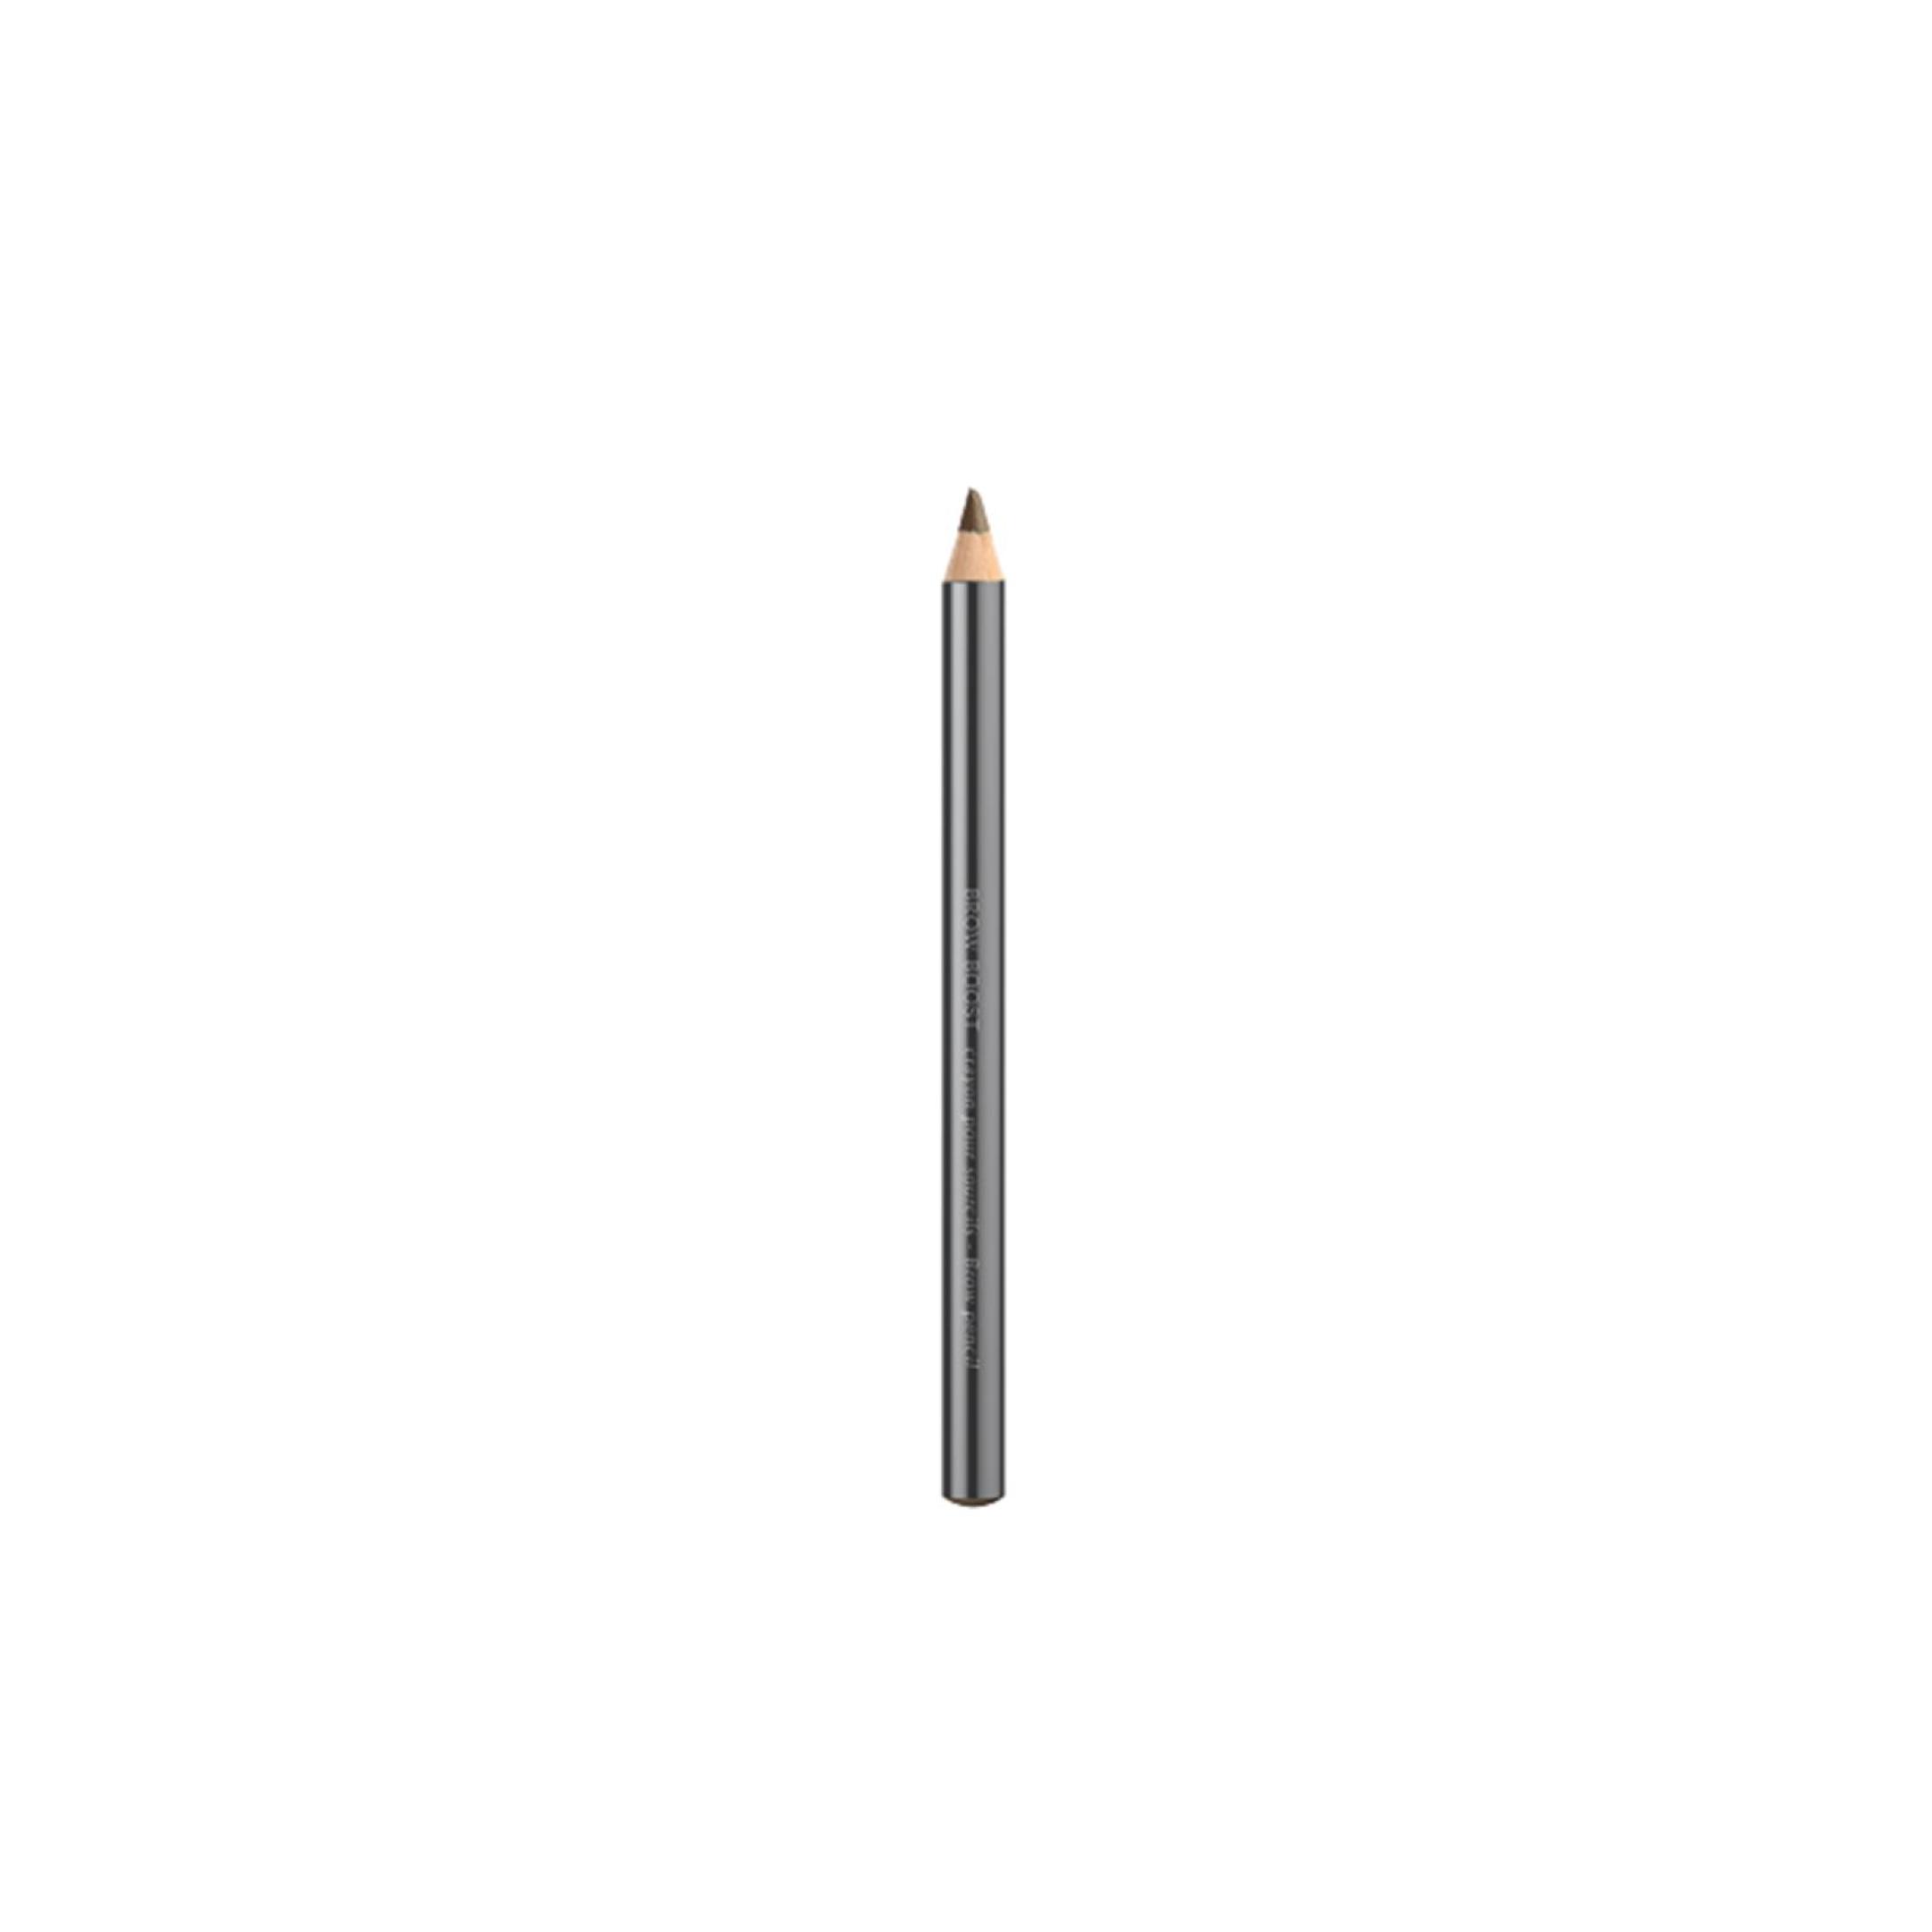 CHADO Brow Pen